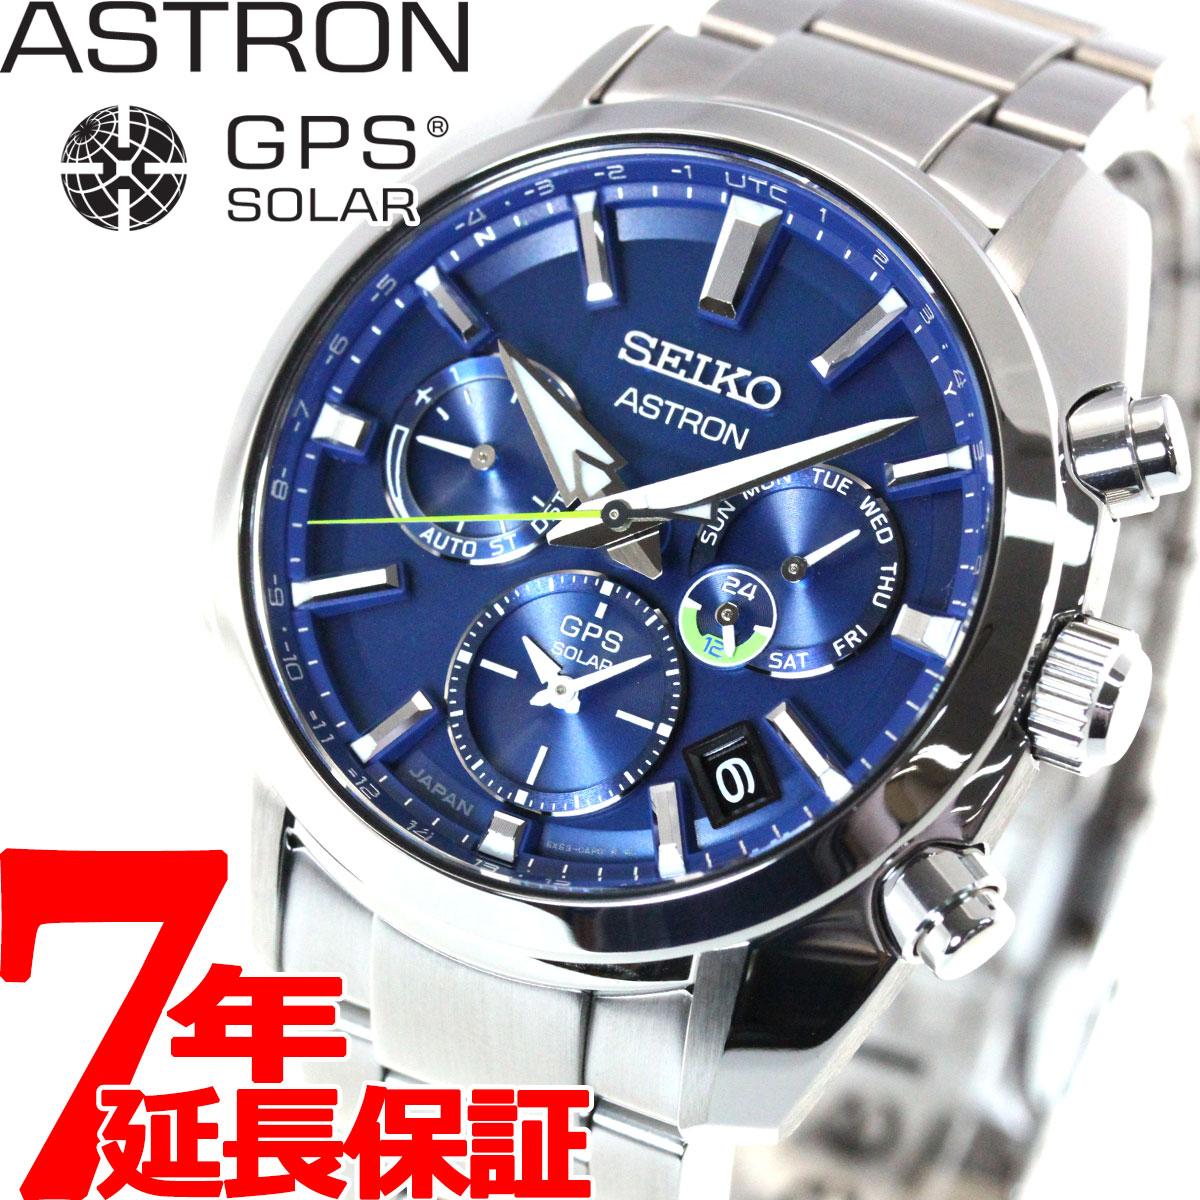 腕時計, メンズ腕時計 25057252359 SEIKO ASTRON GPS GPS JAPAN Collection 2020 SBXC0552020